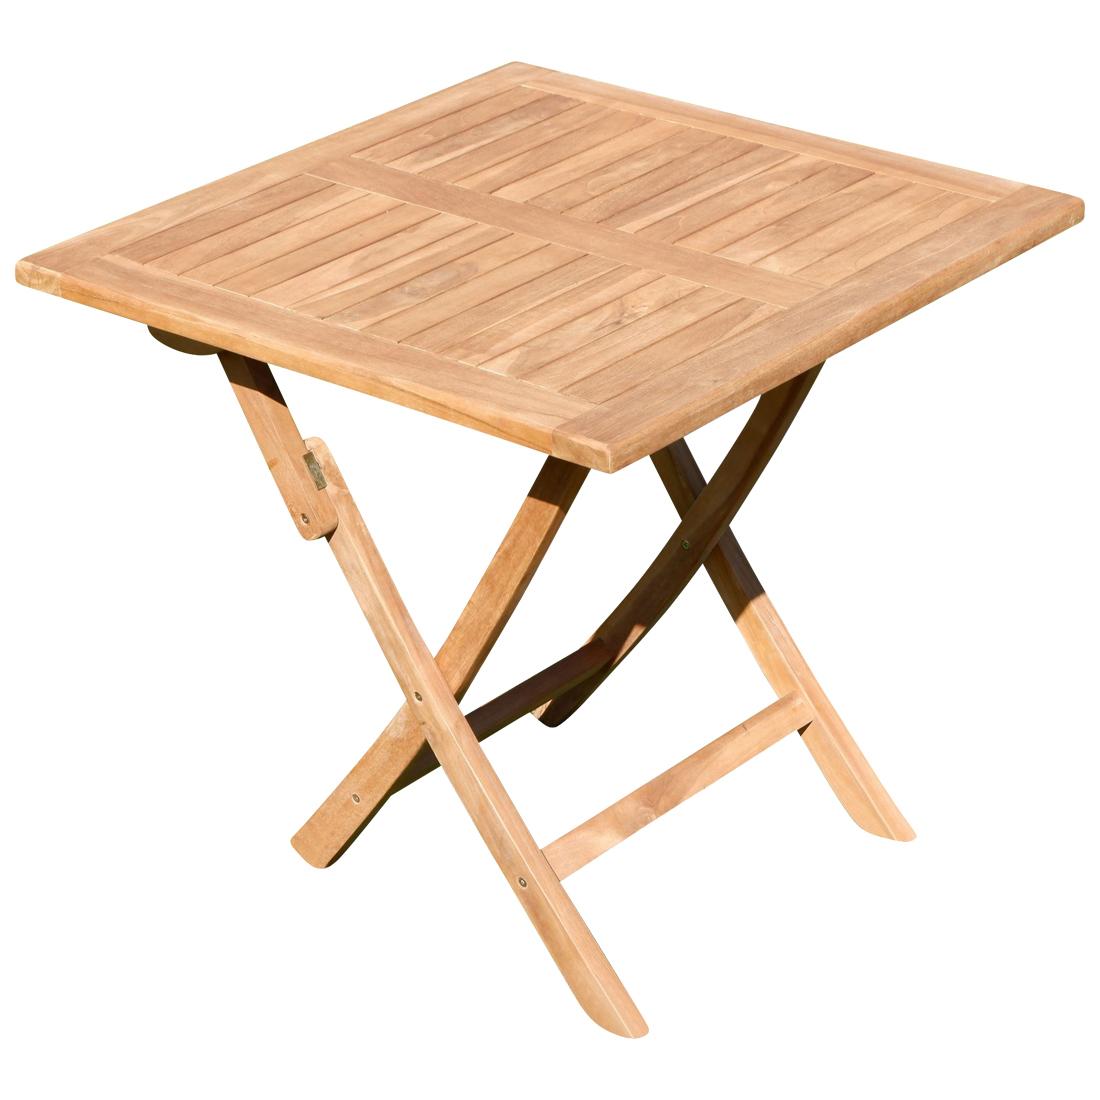 ECHT TEAK Klapptisch Holztisch Gartentisch Garten Tisch 80x80 Cm JAV AVES  Holz 1 ...